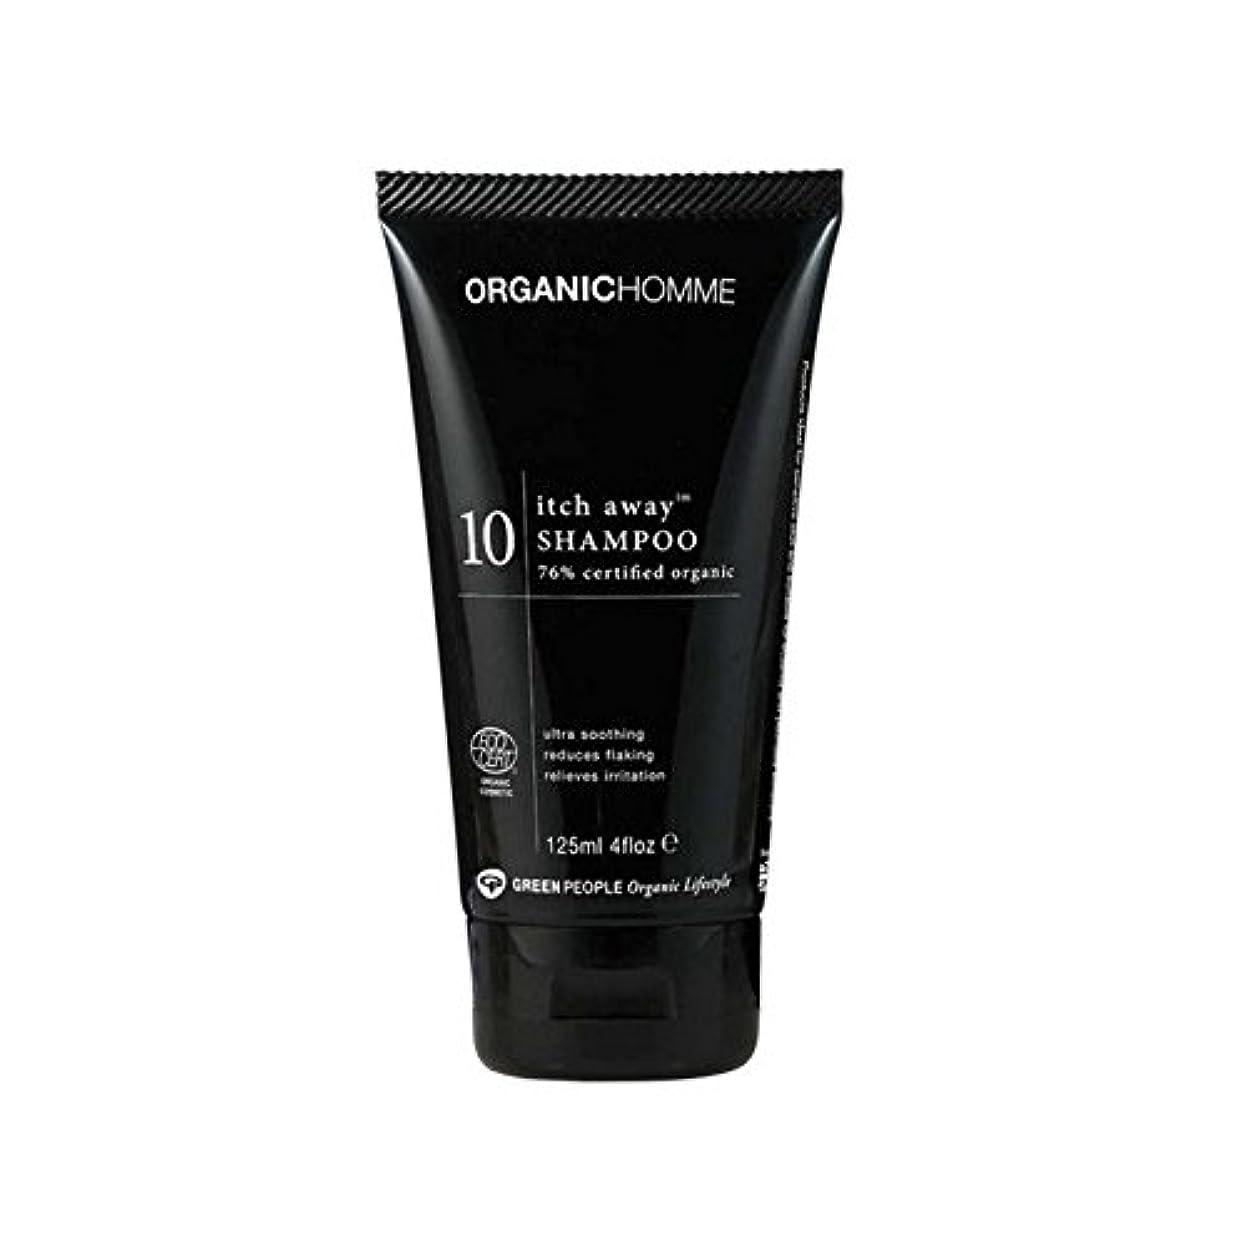 逃れる勝つ懲戒緑の人々の有機オム10かゆみ離れシャンプー(125ミリリットル) x2 - Green People Organic Homme 10 Itch Away Shampoo (125ml) (Pack of 2) [並行輸入品]